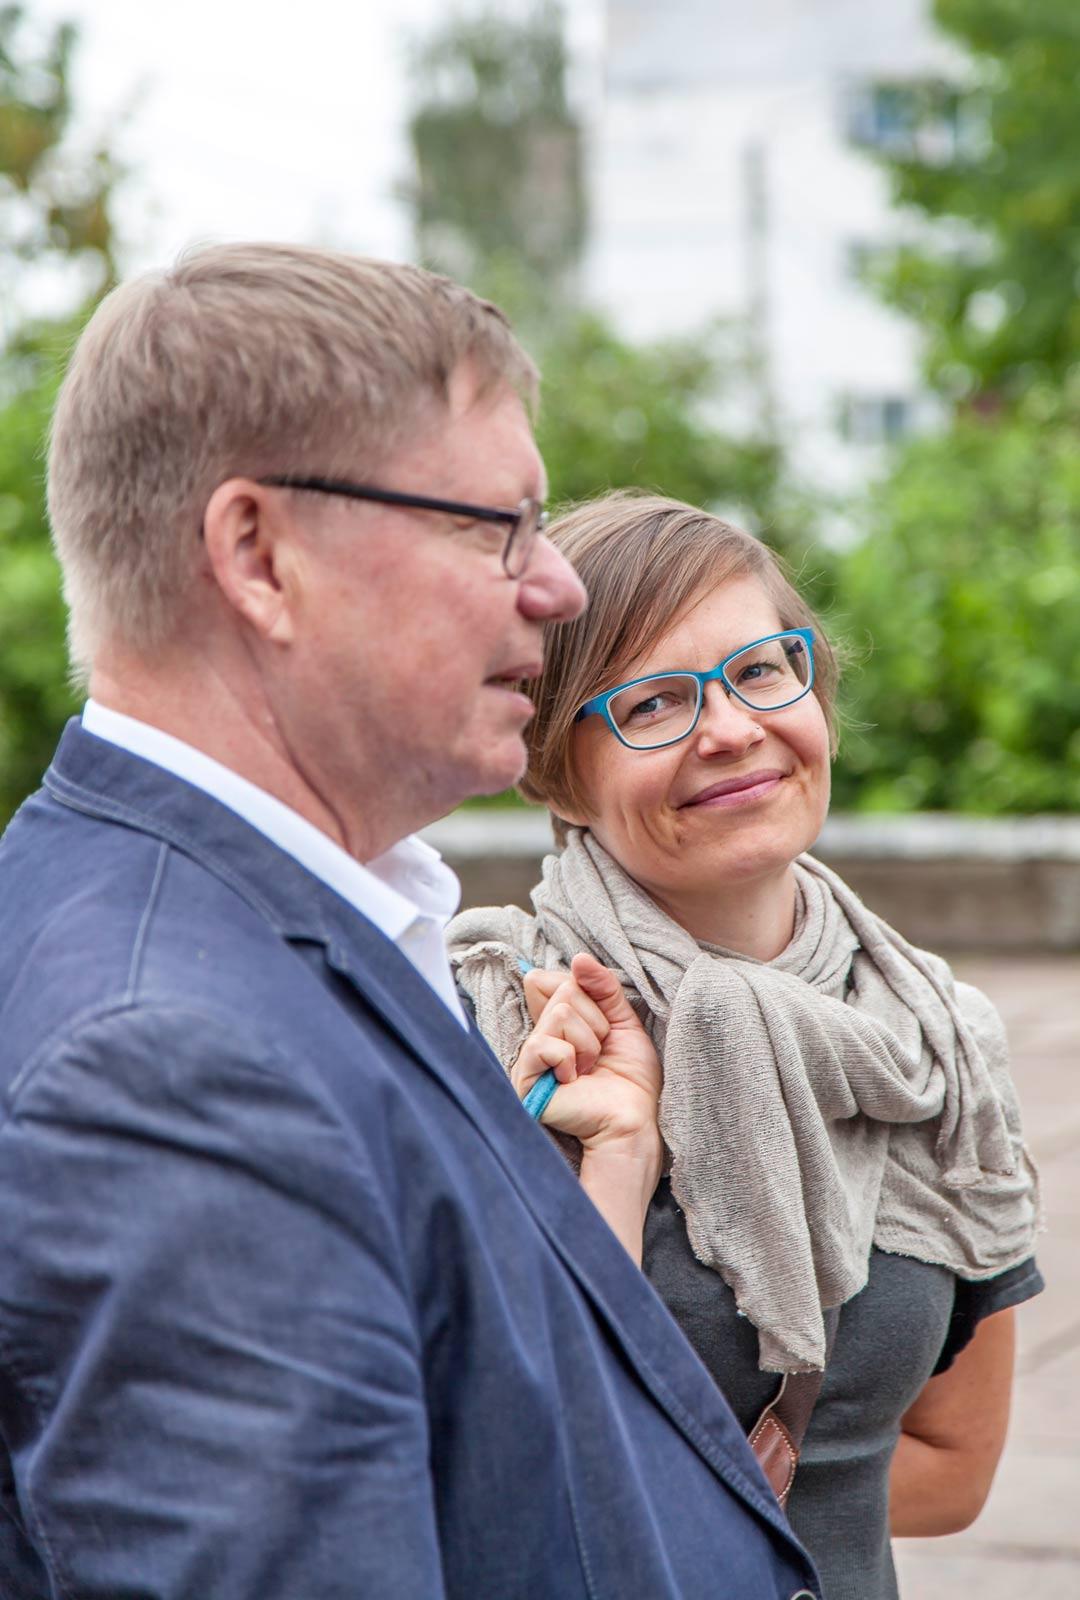 Karjalainnostus siirtyy isältä tyttärelle, Pekka Toivoselta Elina Toivoselle.